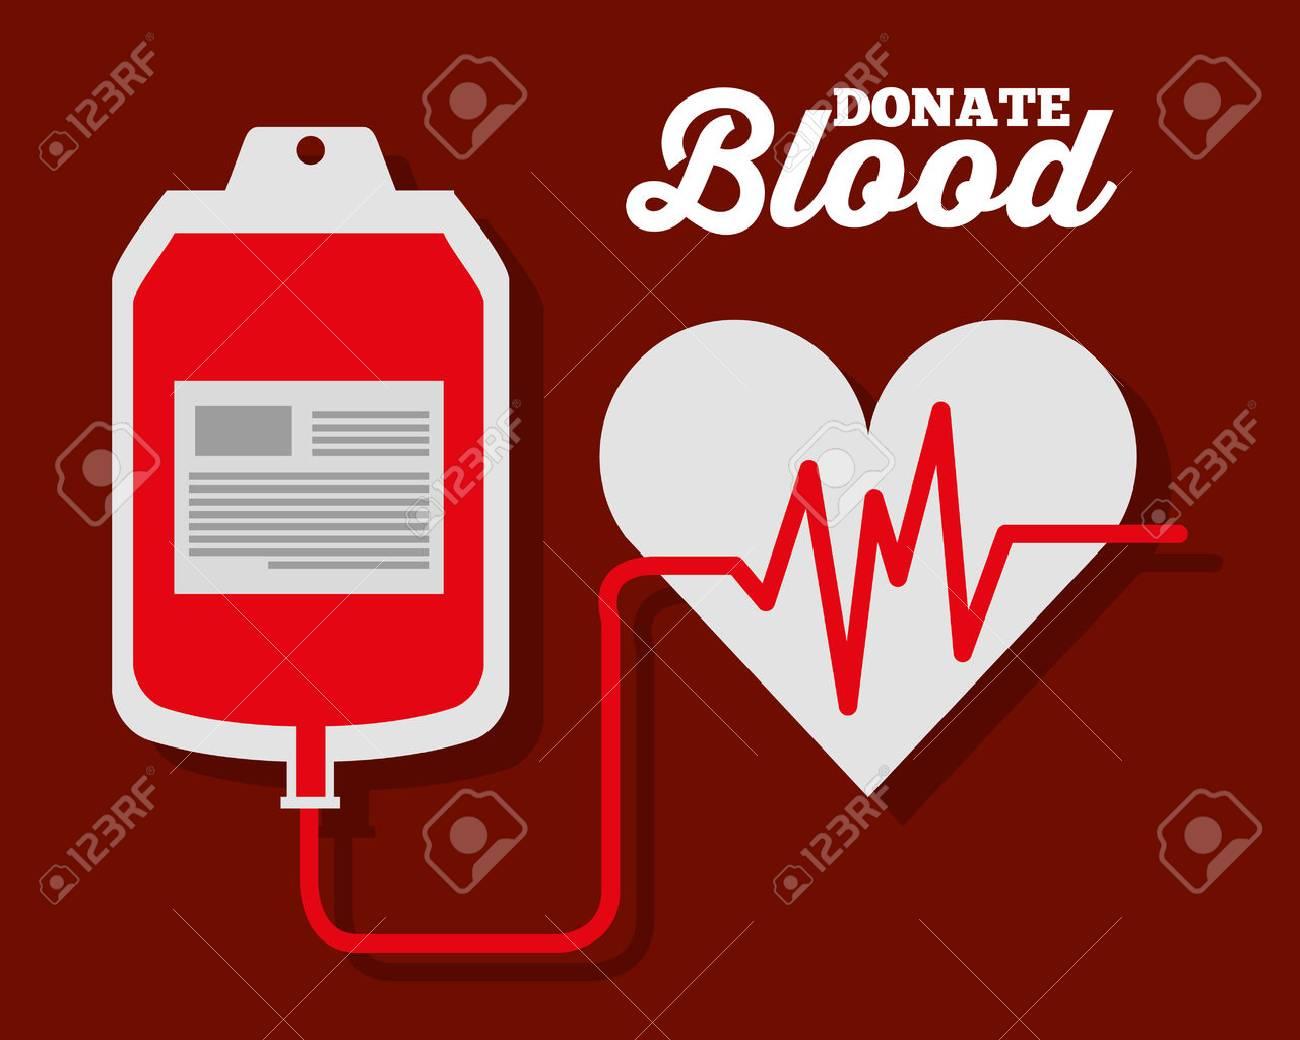 IV blood bag heart rate donate symbol vector illustration - 95603686